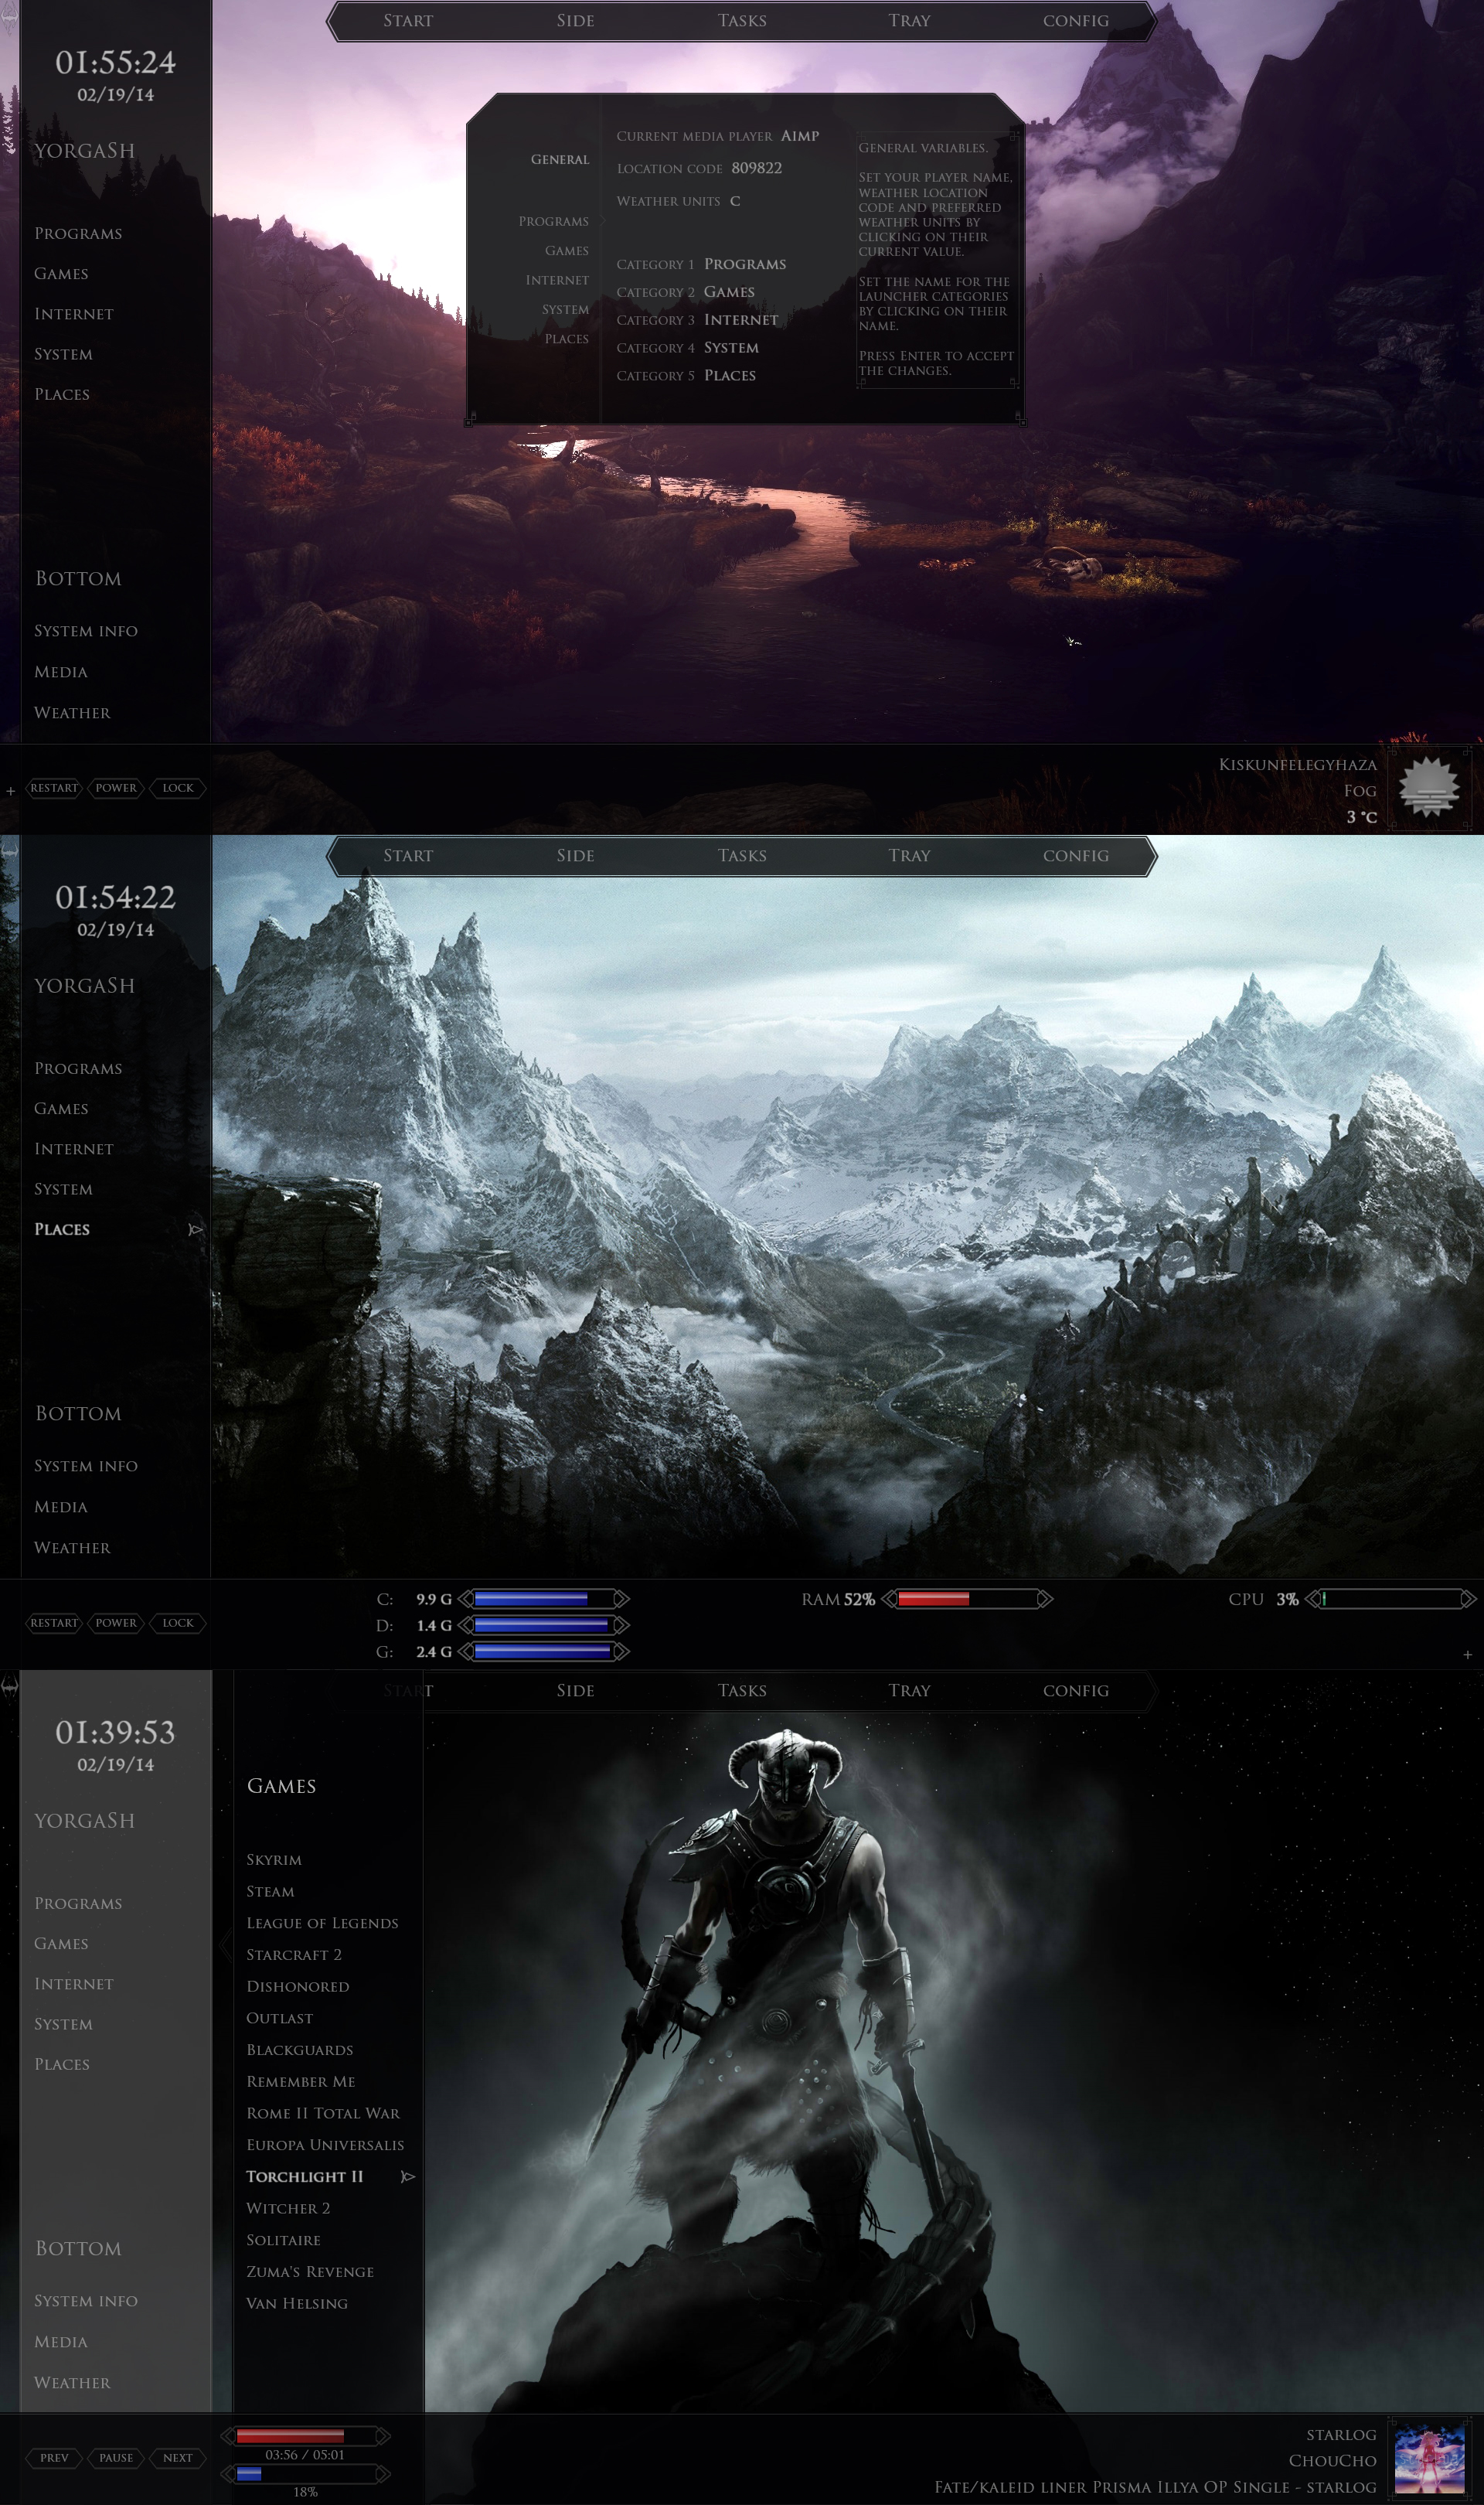 Skyrim Desktop 1.02 by yorgash